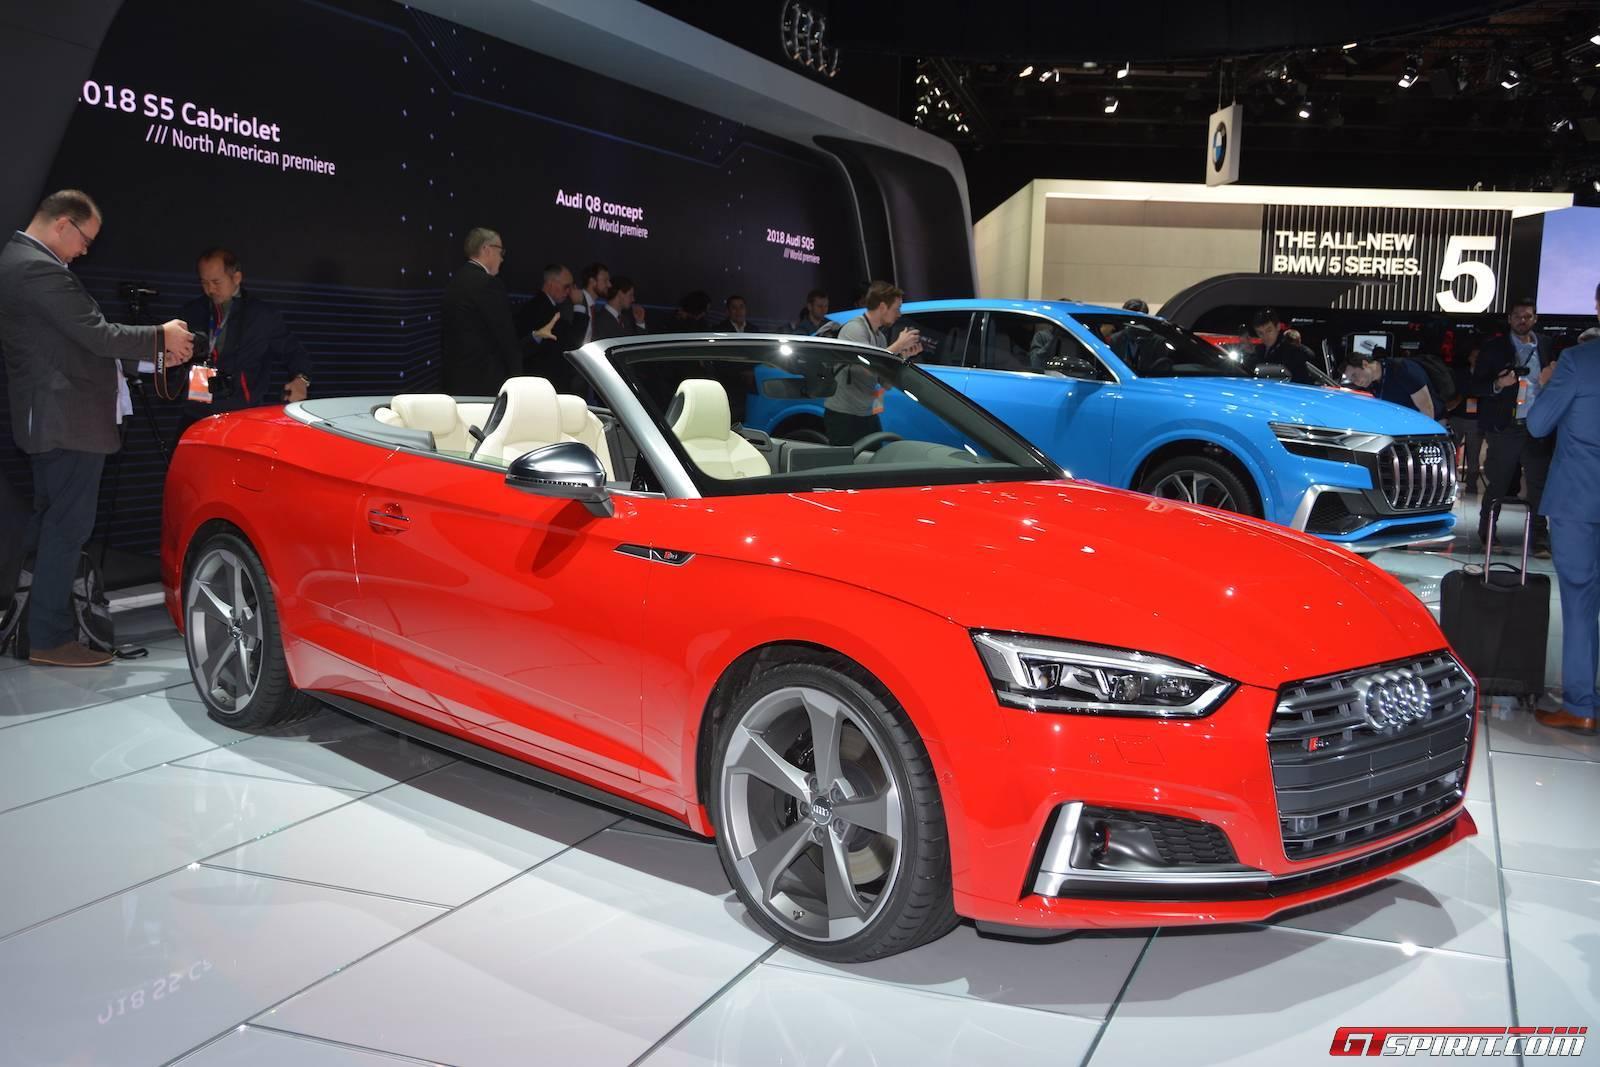 Detroit 2017 Audi S5 Cabriolet